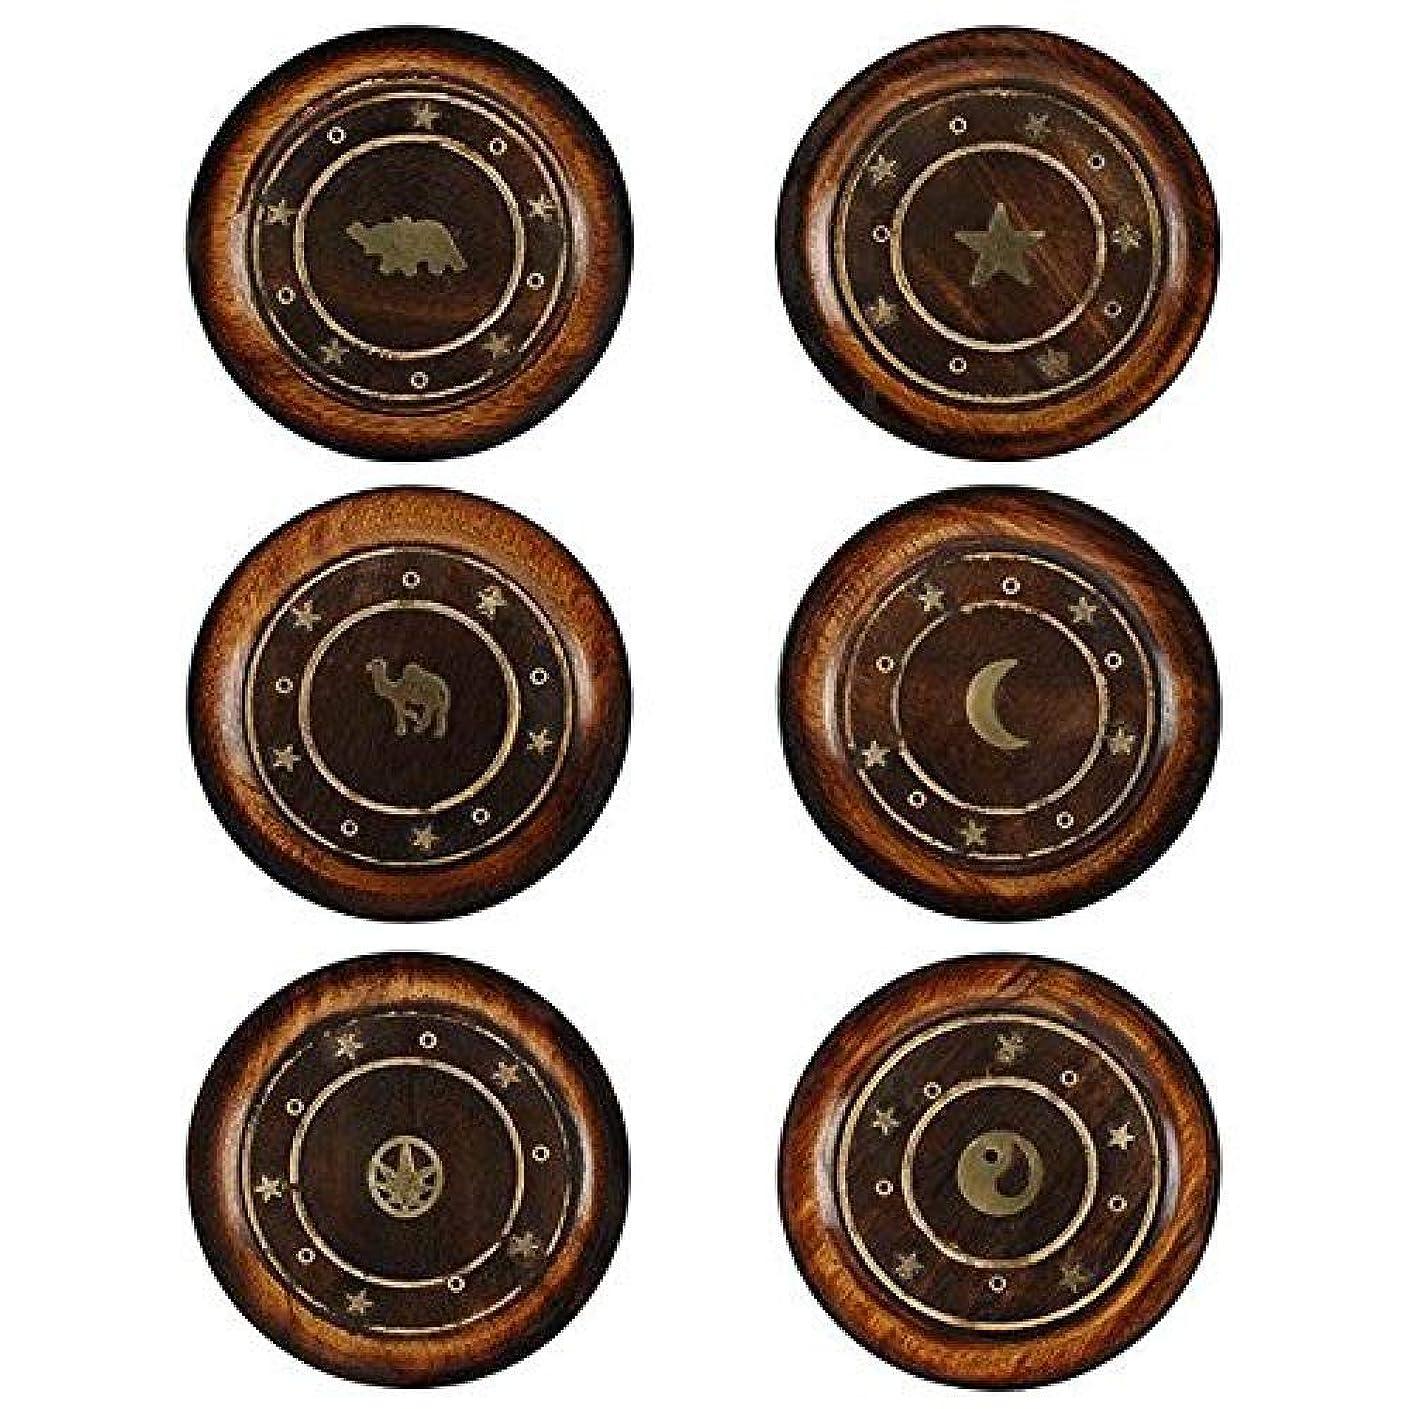 メロディー提唱する患者Mangowood Round Plate Incense Holder with Brass Inlay